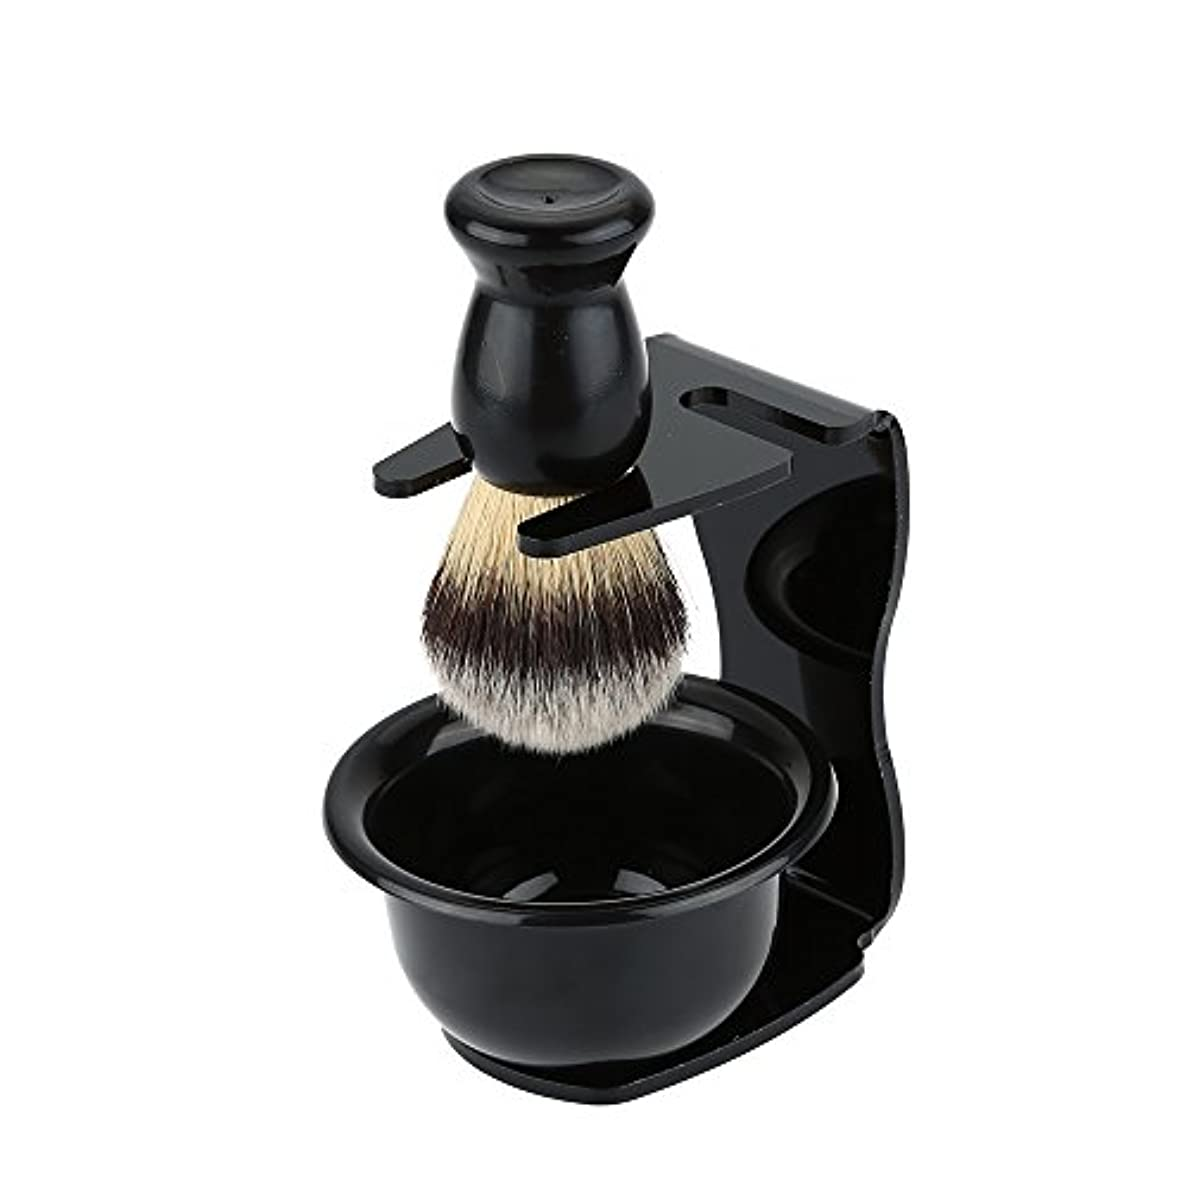 パールアームストロング住居Rakuby 3点セット シェービングブラシキット シェービングブラシ+スタンド+ ソープボウル 洗顔ブラシ 泡立ち 髭剃り 男性用 ダンナ 父親 父の日 プレゼント ブラシアクセサリー